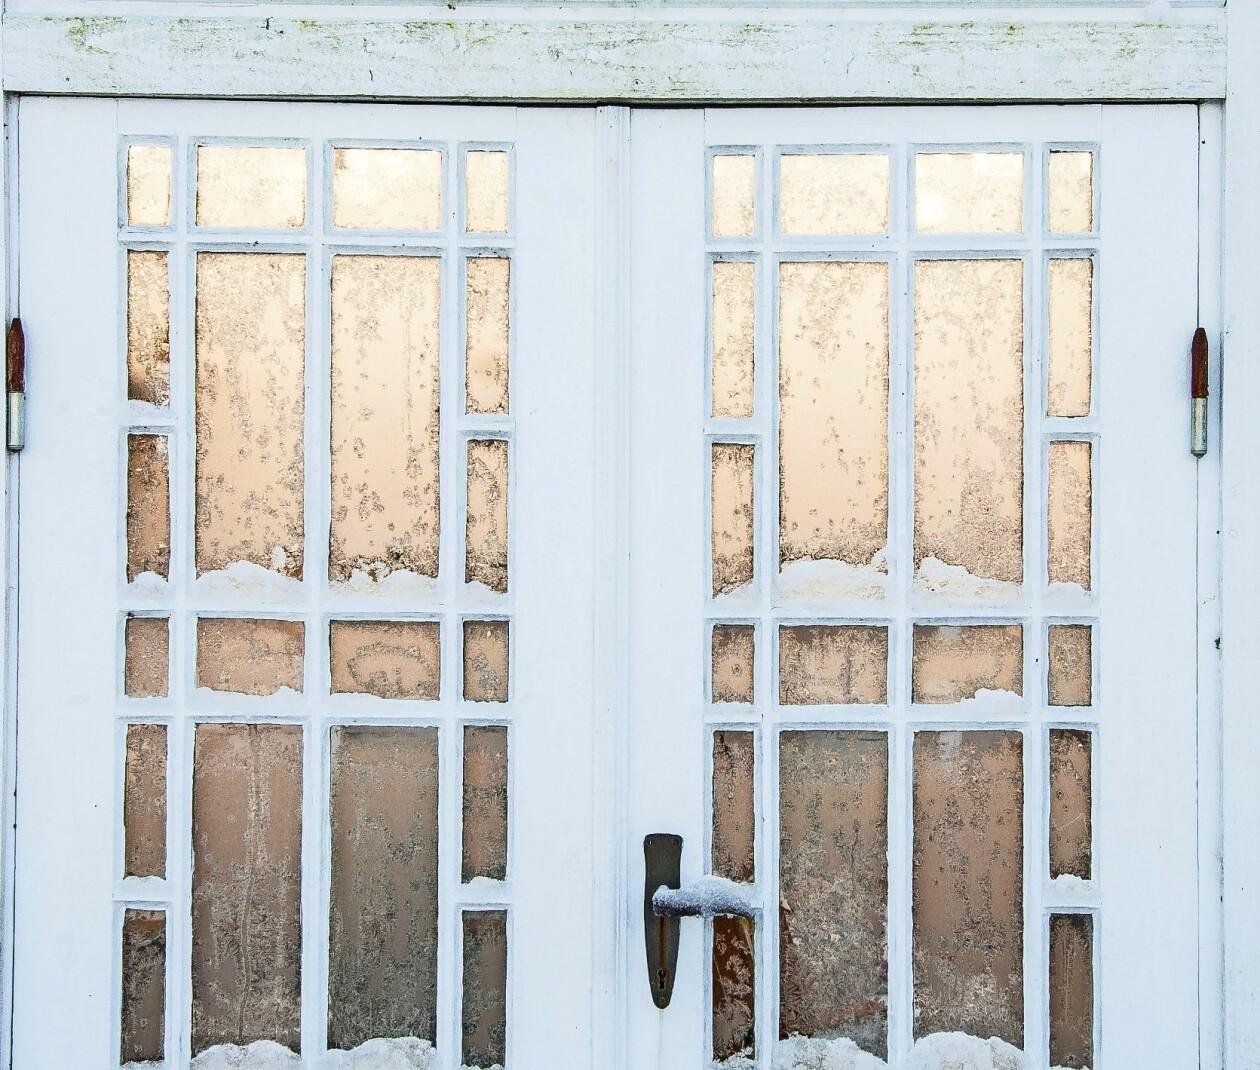 Vita växthusdörrar på vintern.